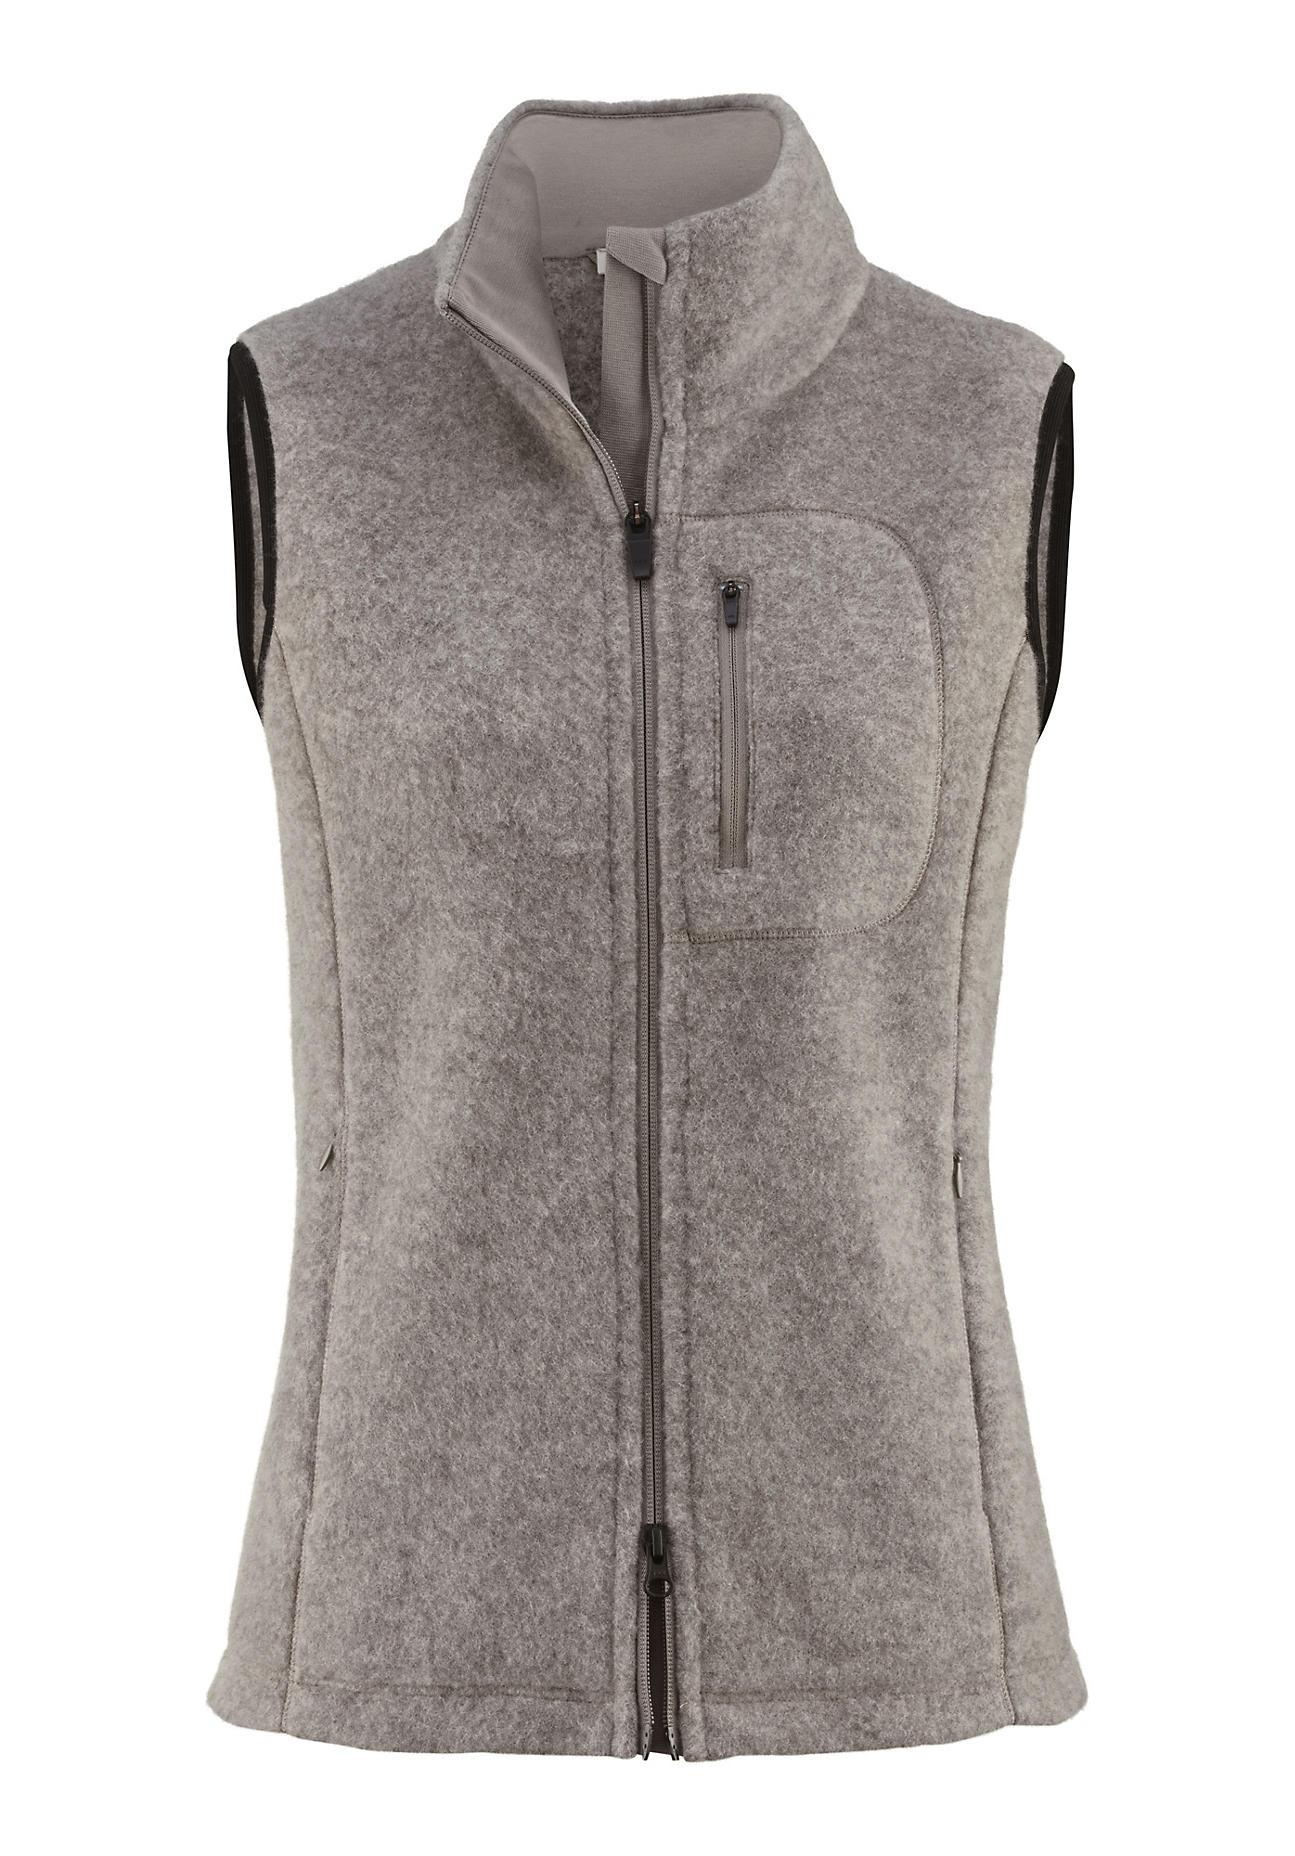 hessnatur Outdoor Wollfleece-Weste für Sie aus Schurwolle – grau – Größe 40   Sportbekleidung > Sportwesten > Outdoorwesten   Greige   Jersey - Baumwolle   hessnatur